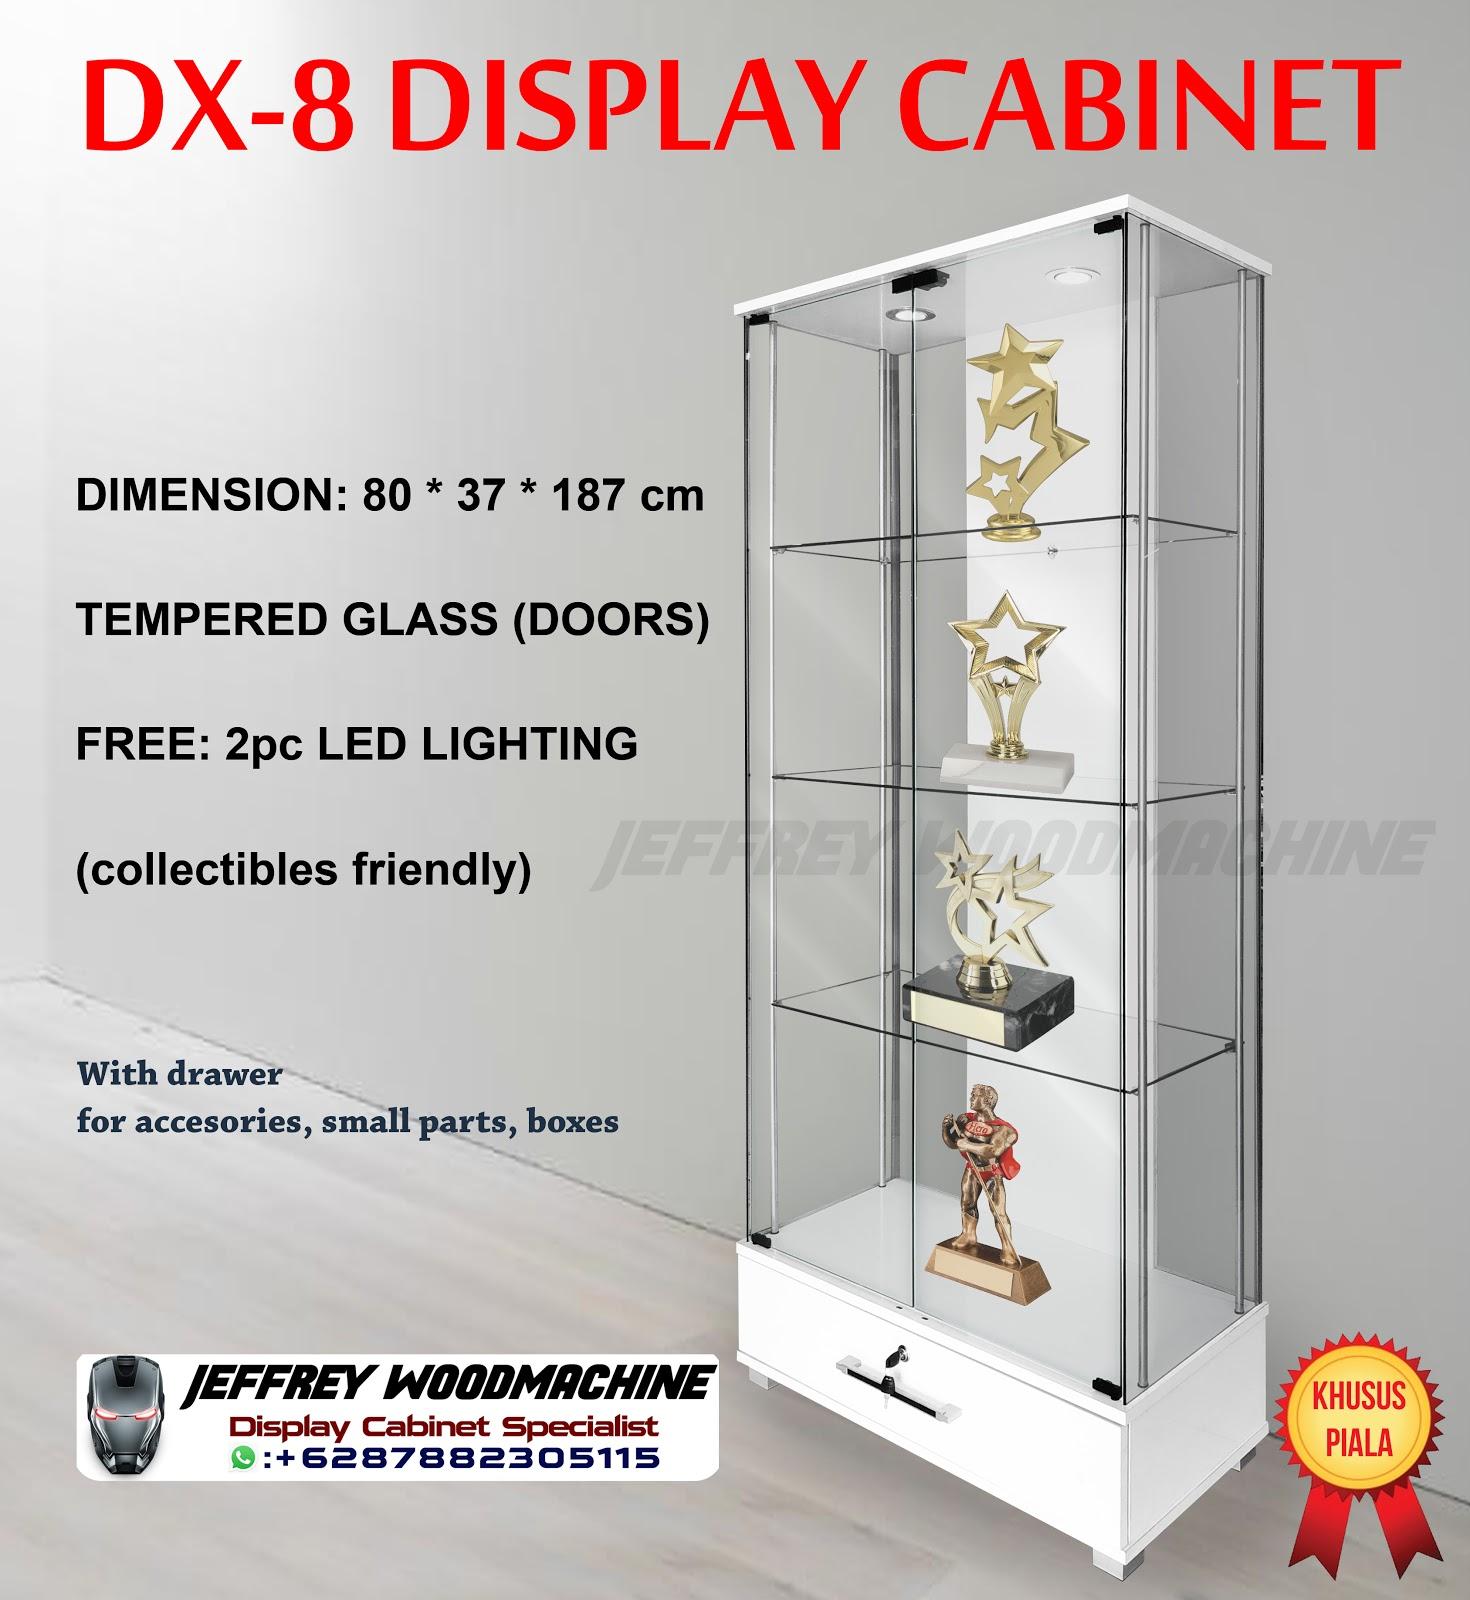 lemari rak pajang kaca showcase display cabinet minimalis dx8 dx-8 a0ffc2598f